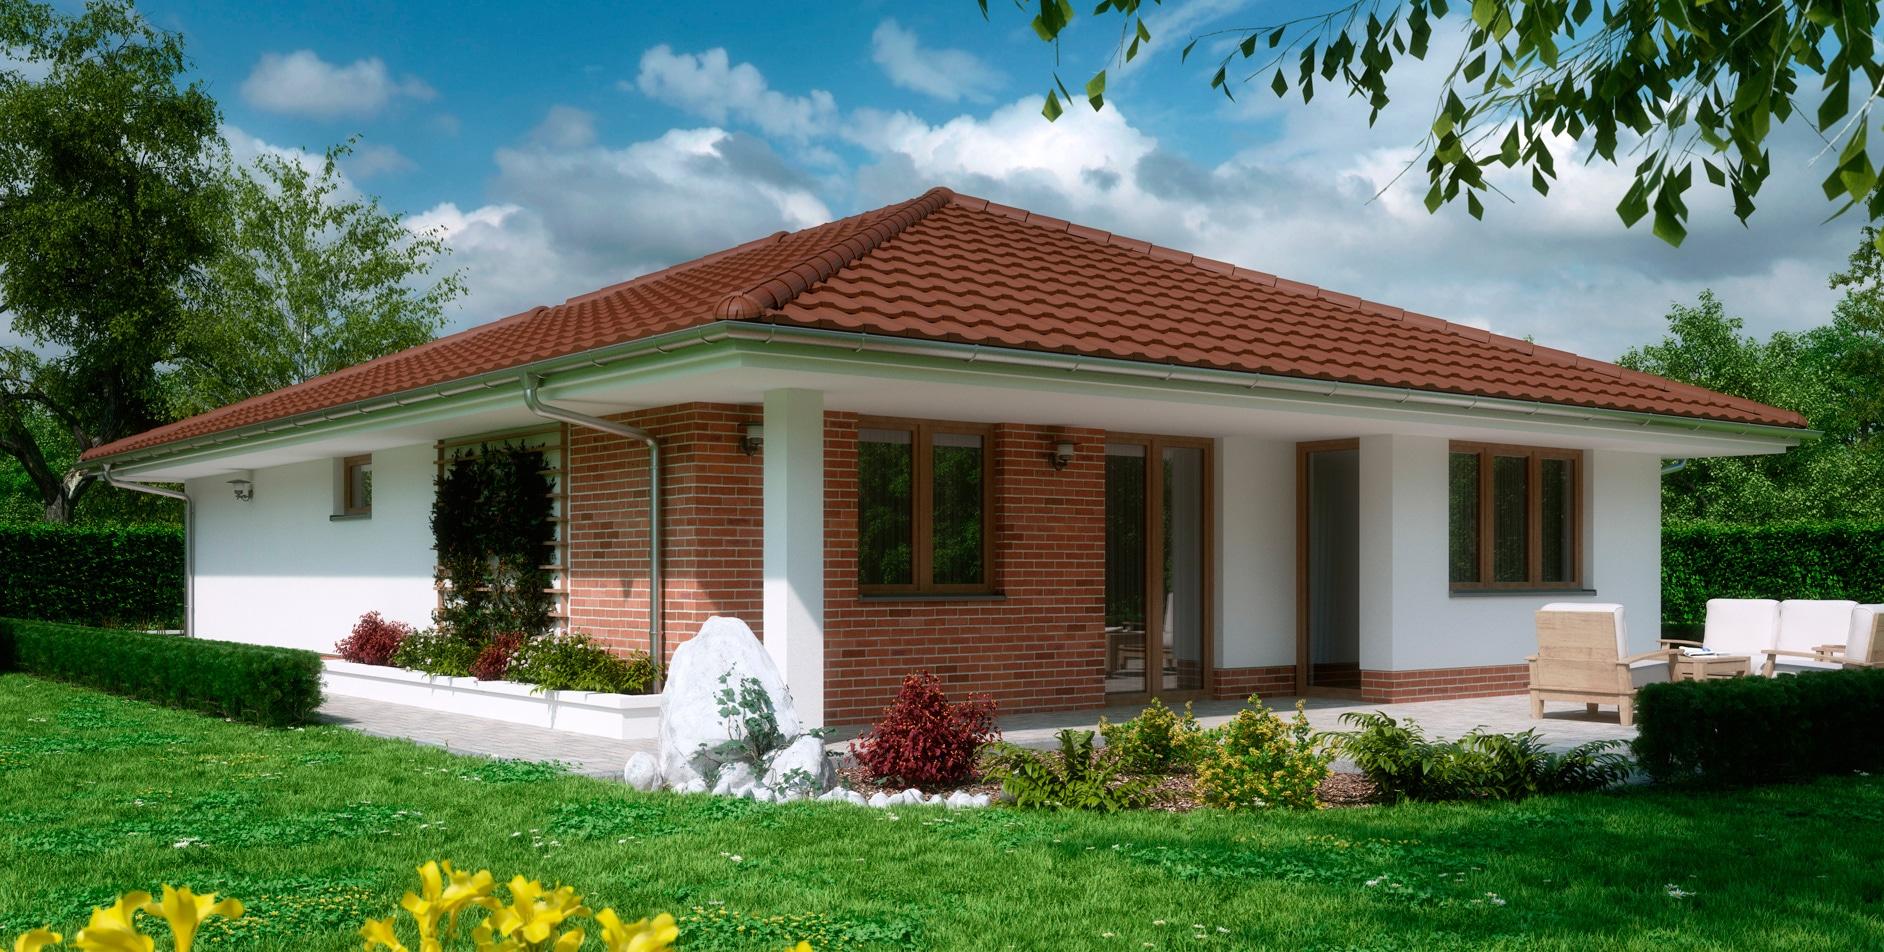 Проект одноэтажного дома c гаражом и террасой «КО-162» - фото №2